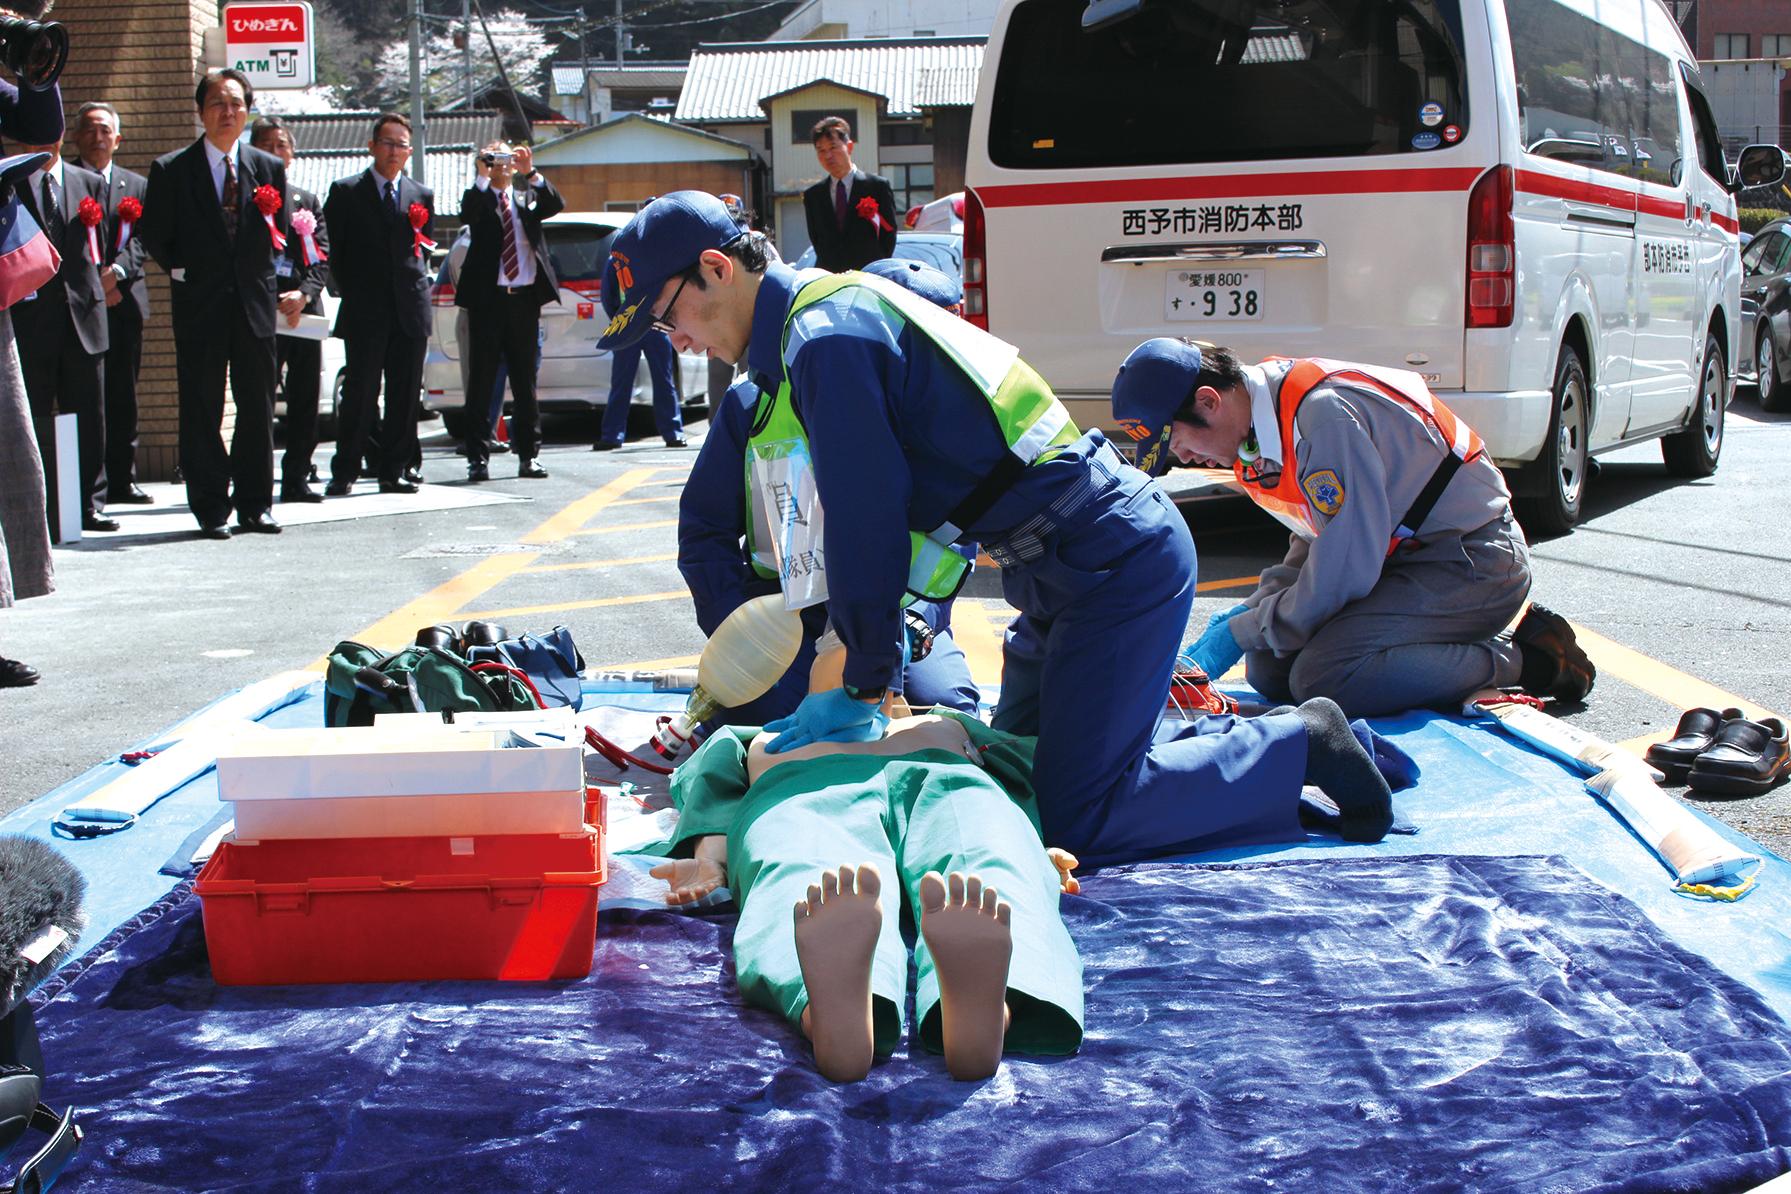 全国初、救急隊員を再編成新たな救急体制で市民を守る | ジチタイワークス